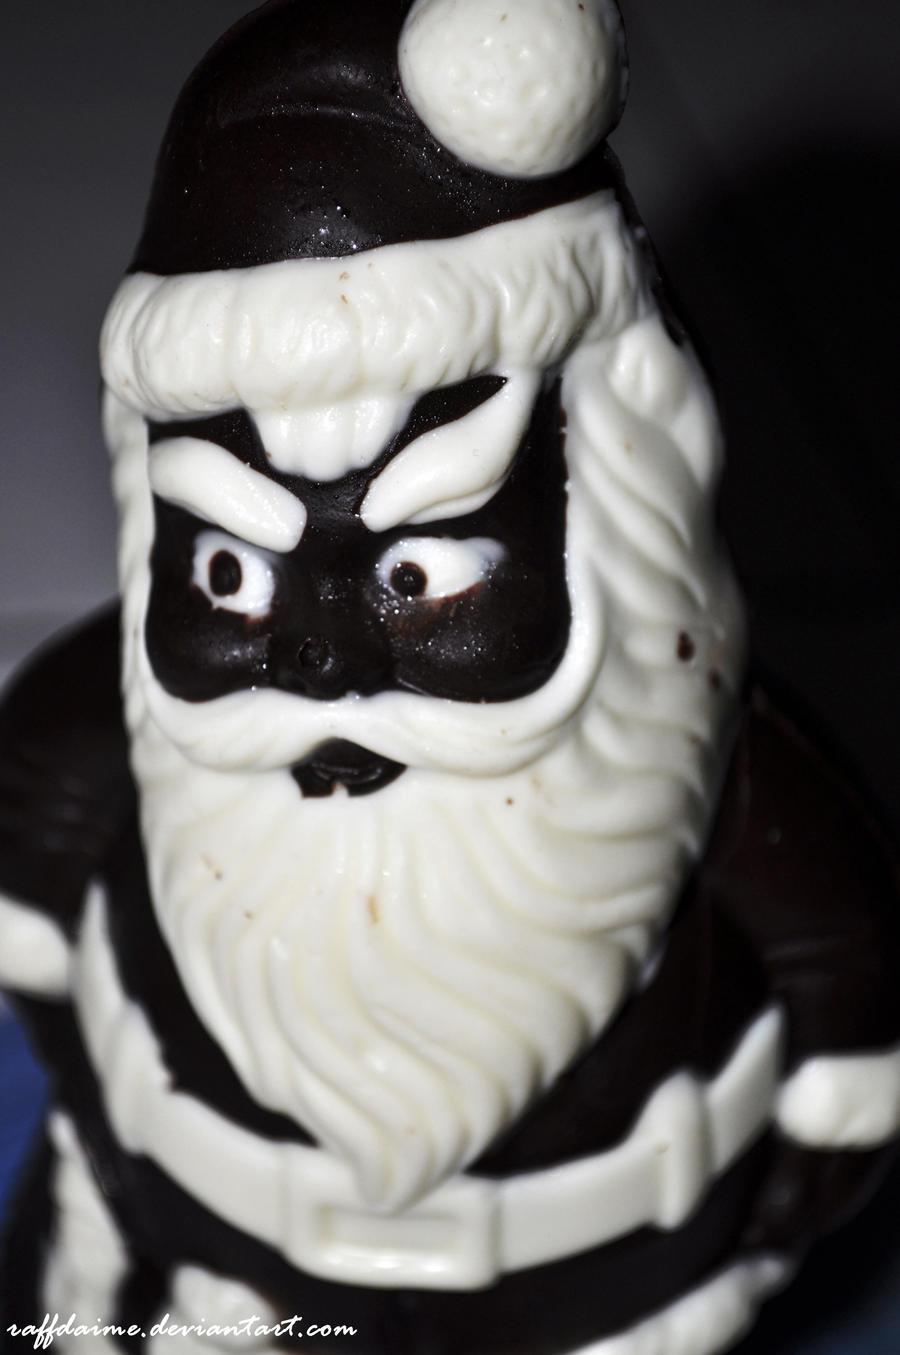 Santa Claus by raffdaime